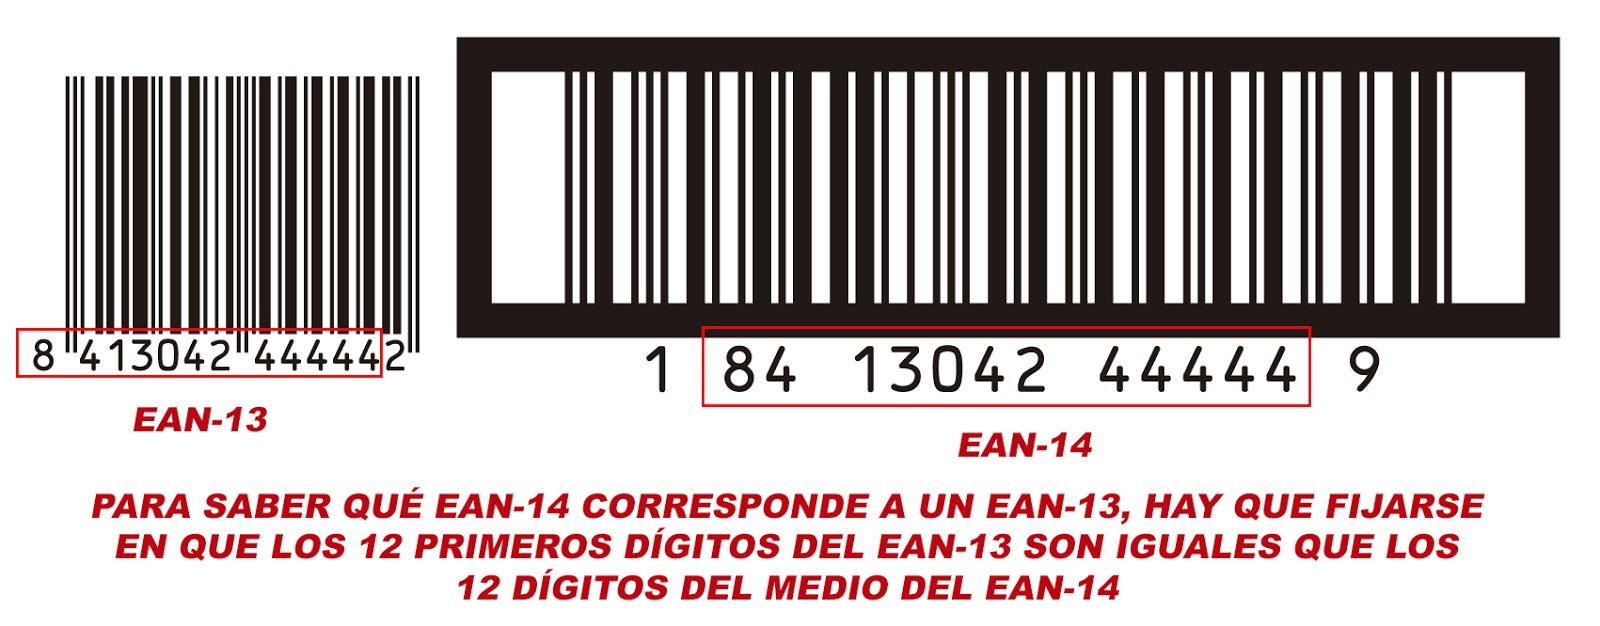 Etiquetas Con Códigos De Barras Necesita Etiquetas Con Códigos De Barras